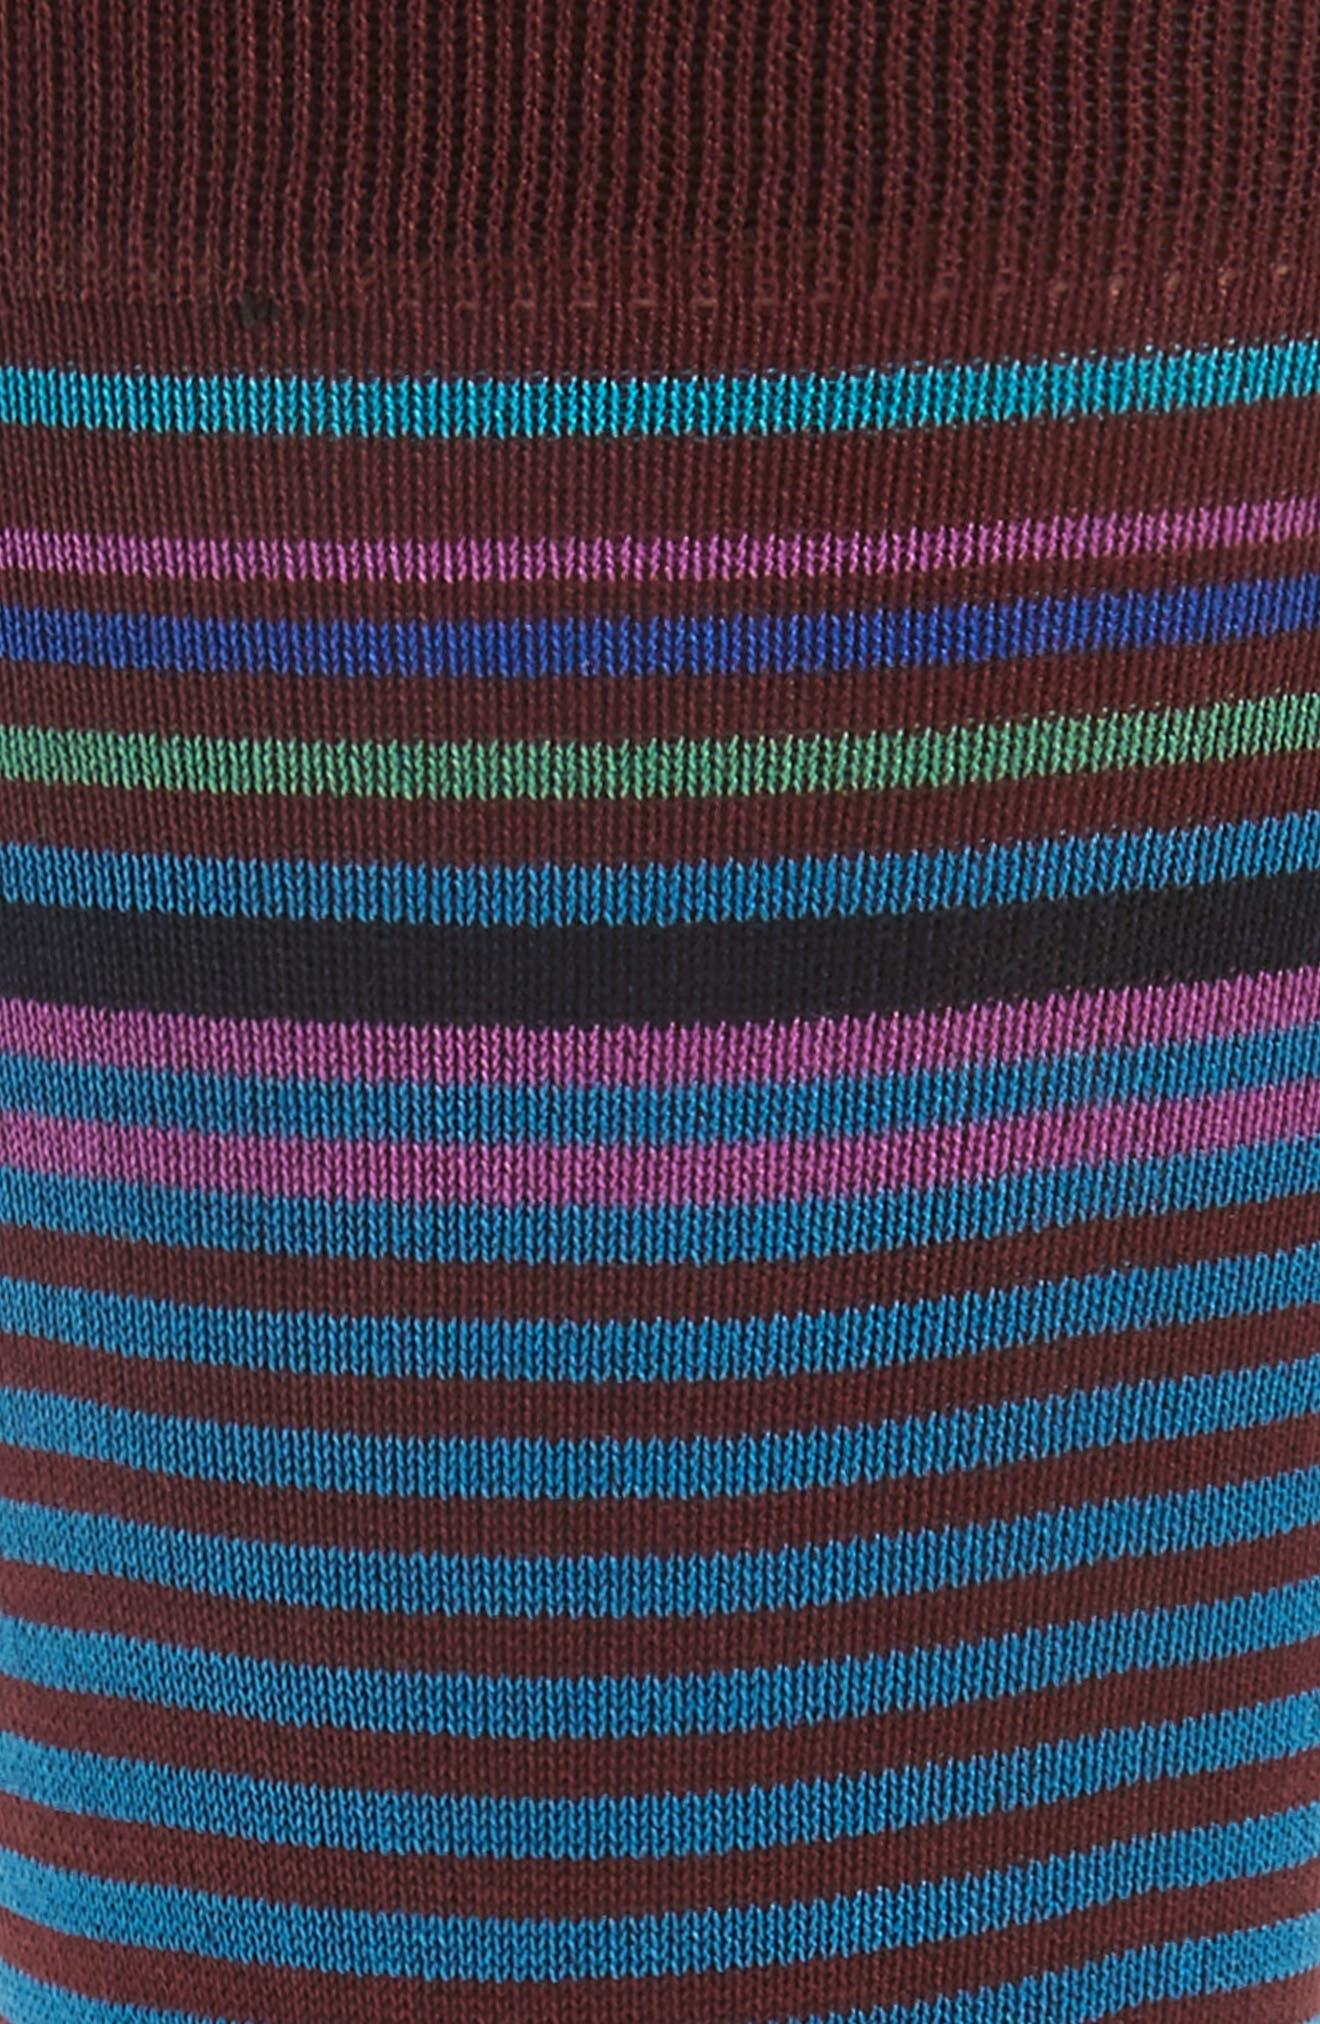 Alternate Image 2  - Bugatchi Stripe Crew Socks